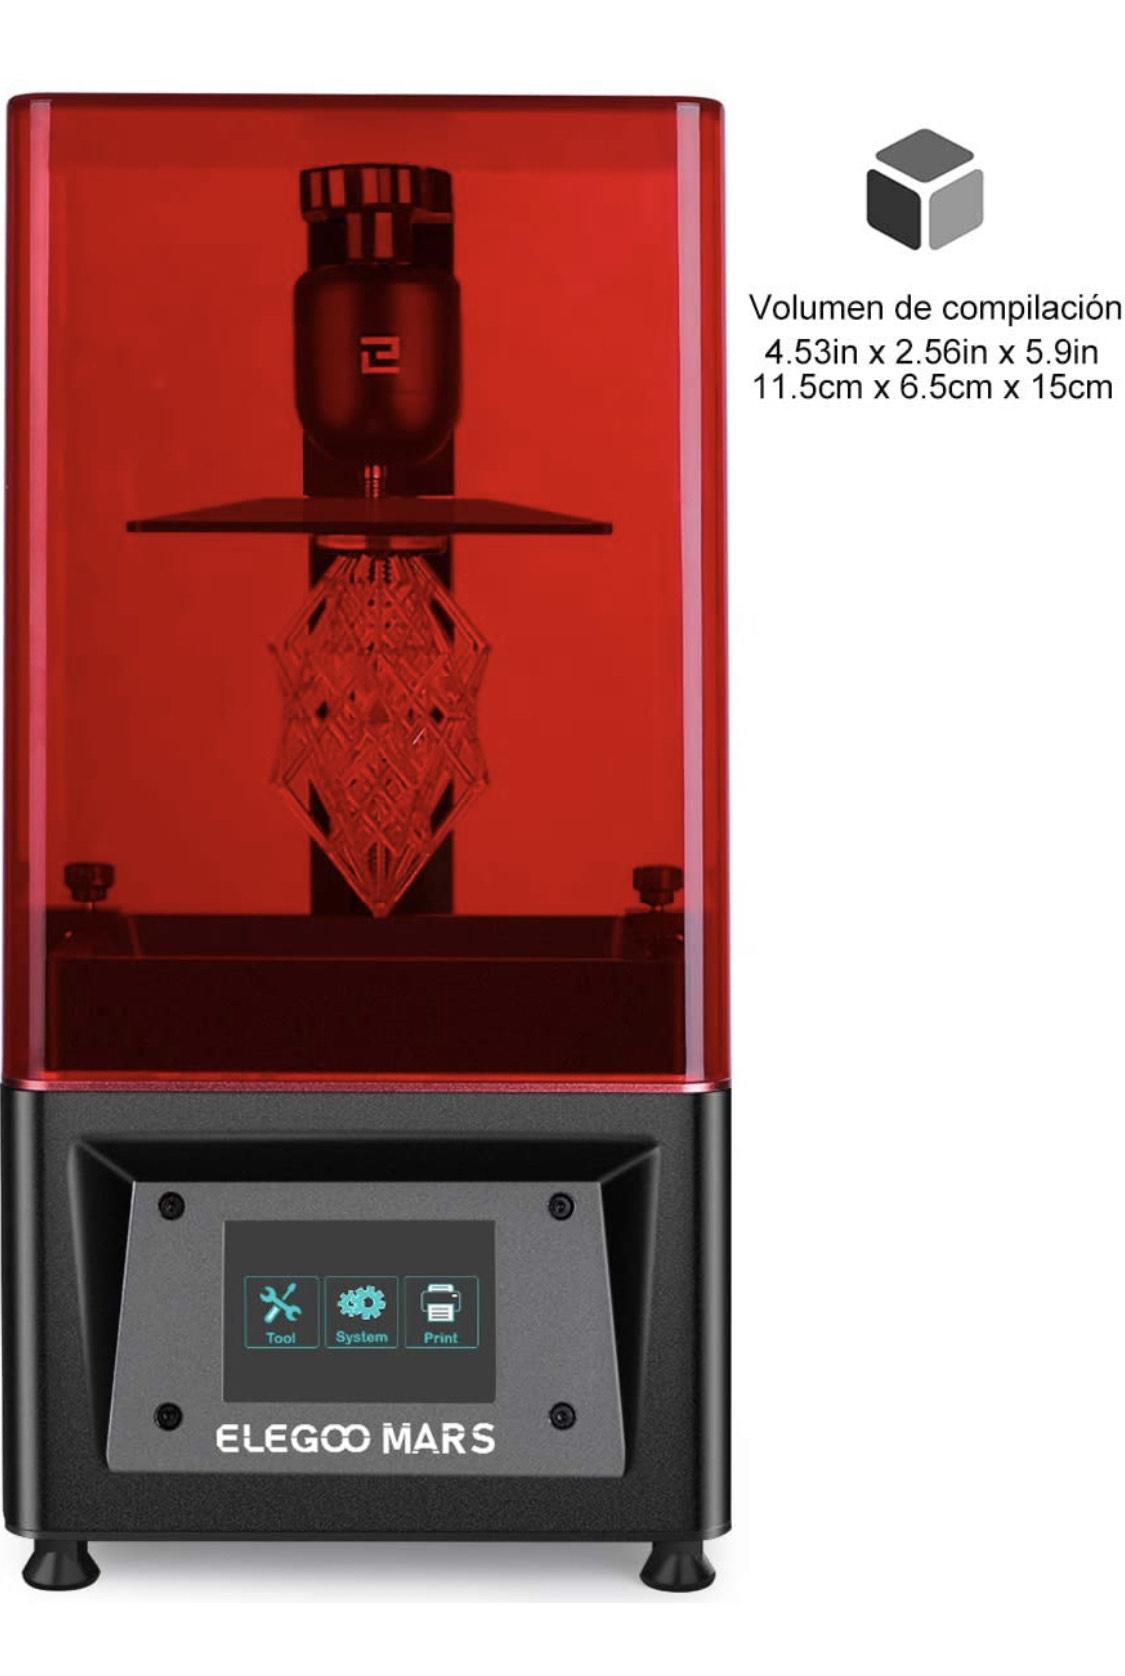 """ELEGOO MARS Impresora 3D UV Fotocurado con 3.5"""" Pantalla Táctil Inteligente de Color Impresión"""